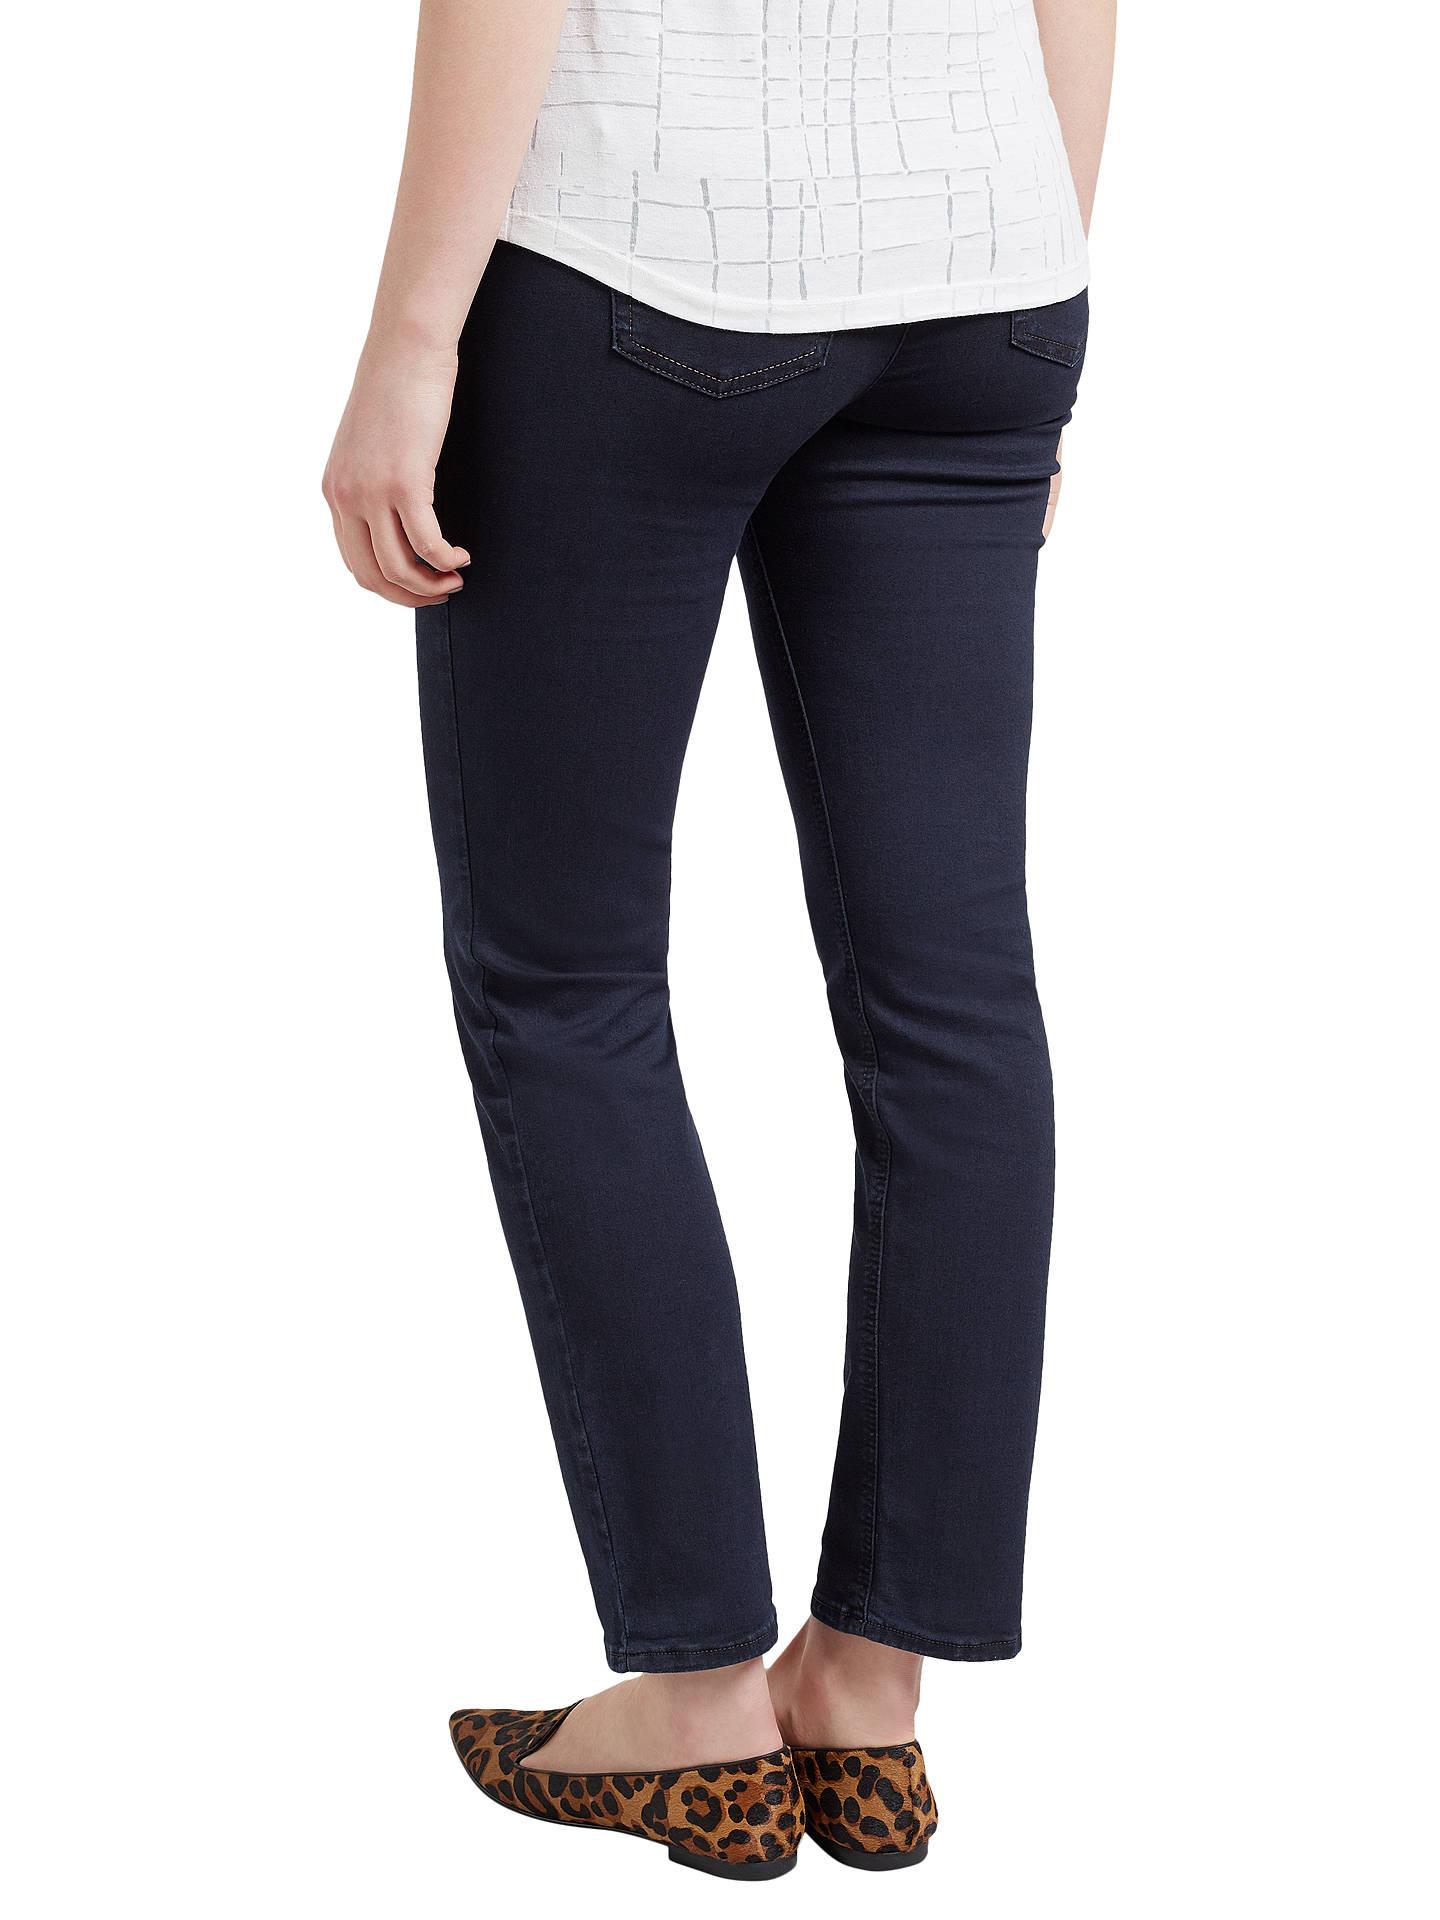 Weltweit Versandkostenfrei Gute Preise Gedanken an Gerry Weber Best4me Fit Slim Leg Jeans, Dark Blue Denim at ...